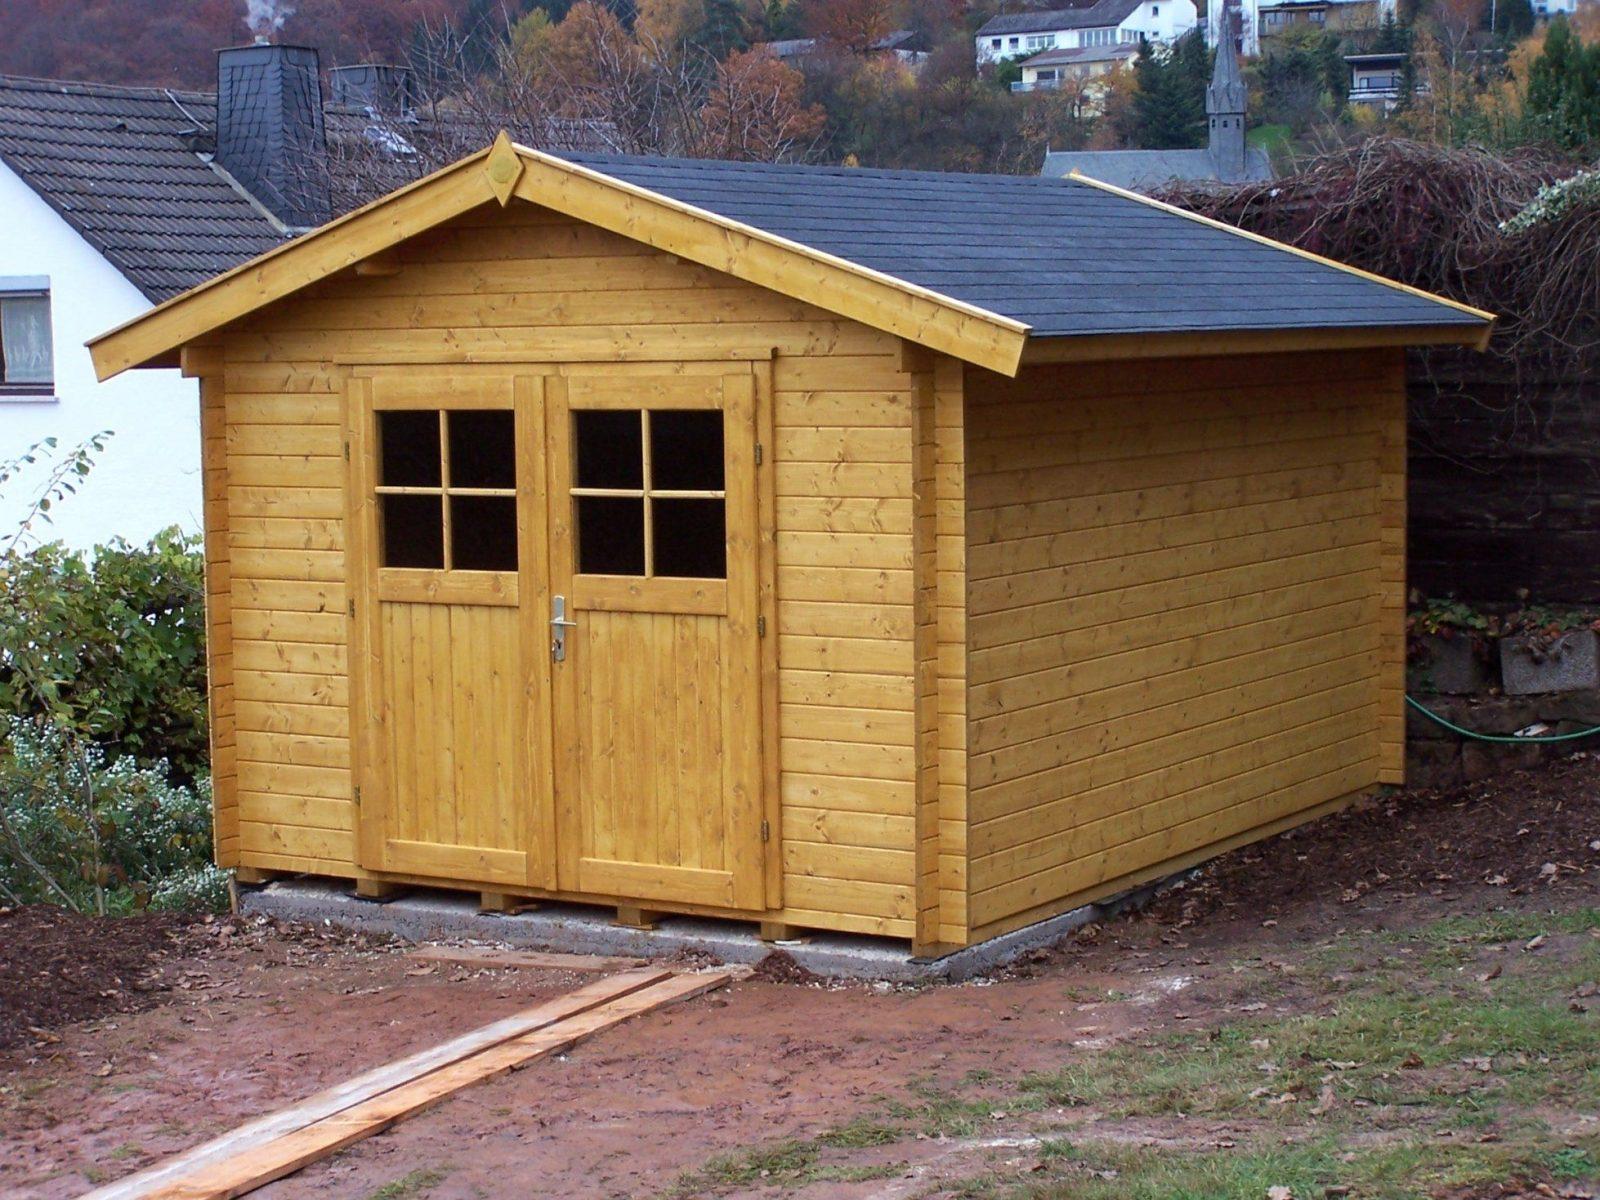 Pultdach Garage Selber Bauen  Die Schönsten Einrichtungsideen von Pultdach Garage Selber Bauen Bild